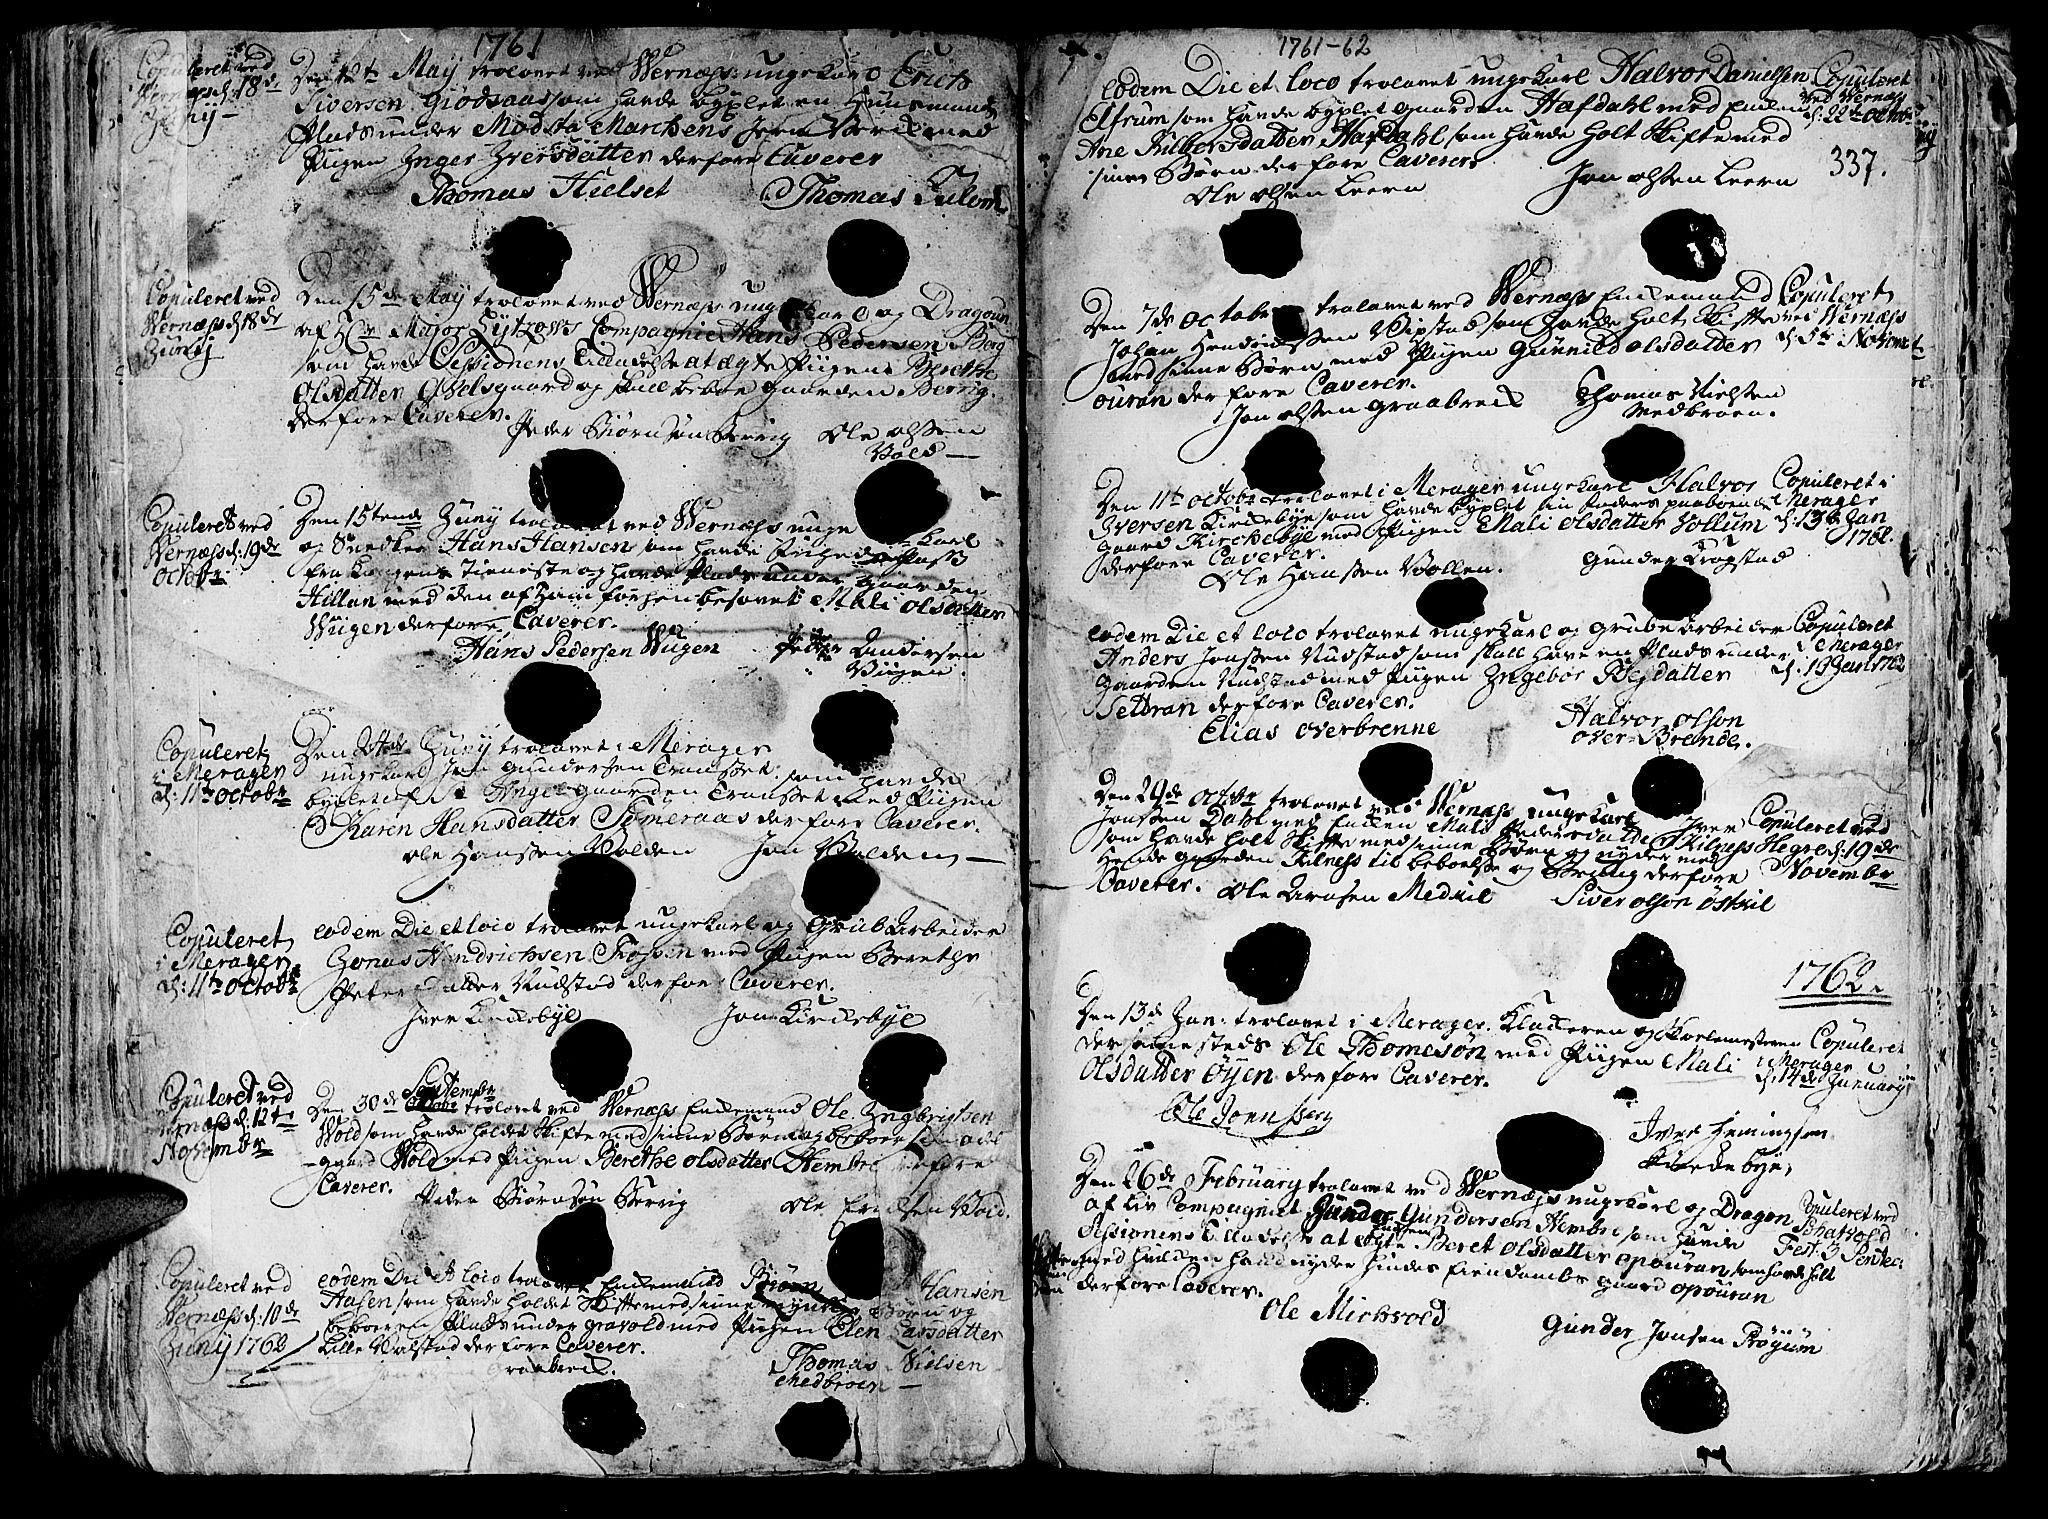 SAT, Ministerialprotokoller, klokkerbøker og fødselsregistre - Nord-Trøndelag, 709/L0057: Ministerialbok nr. 709A05, 1755-1780, s. 337